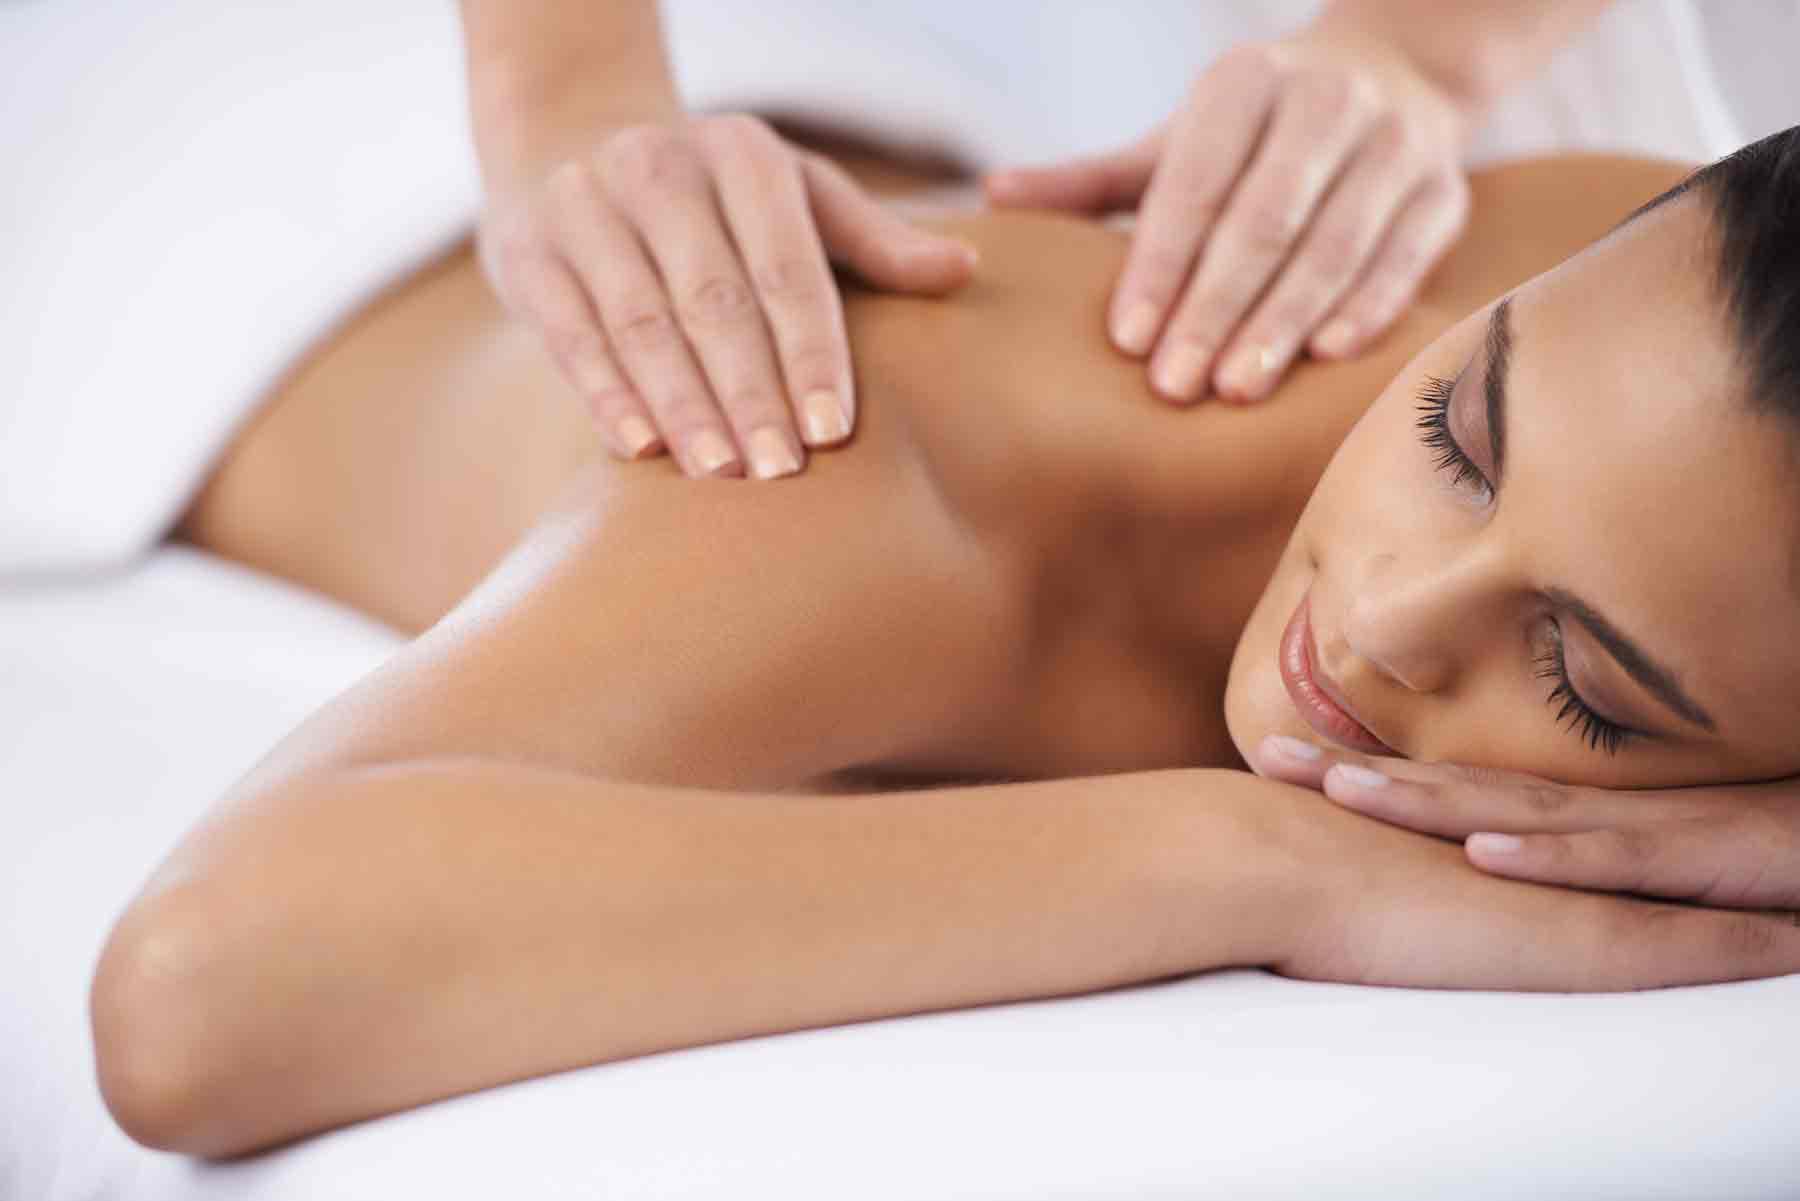 Массаж глубоких тканей (глубокотканный, мышечно-фасциальный, deep tissue massage) – самый эффективный вид массажа